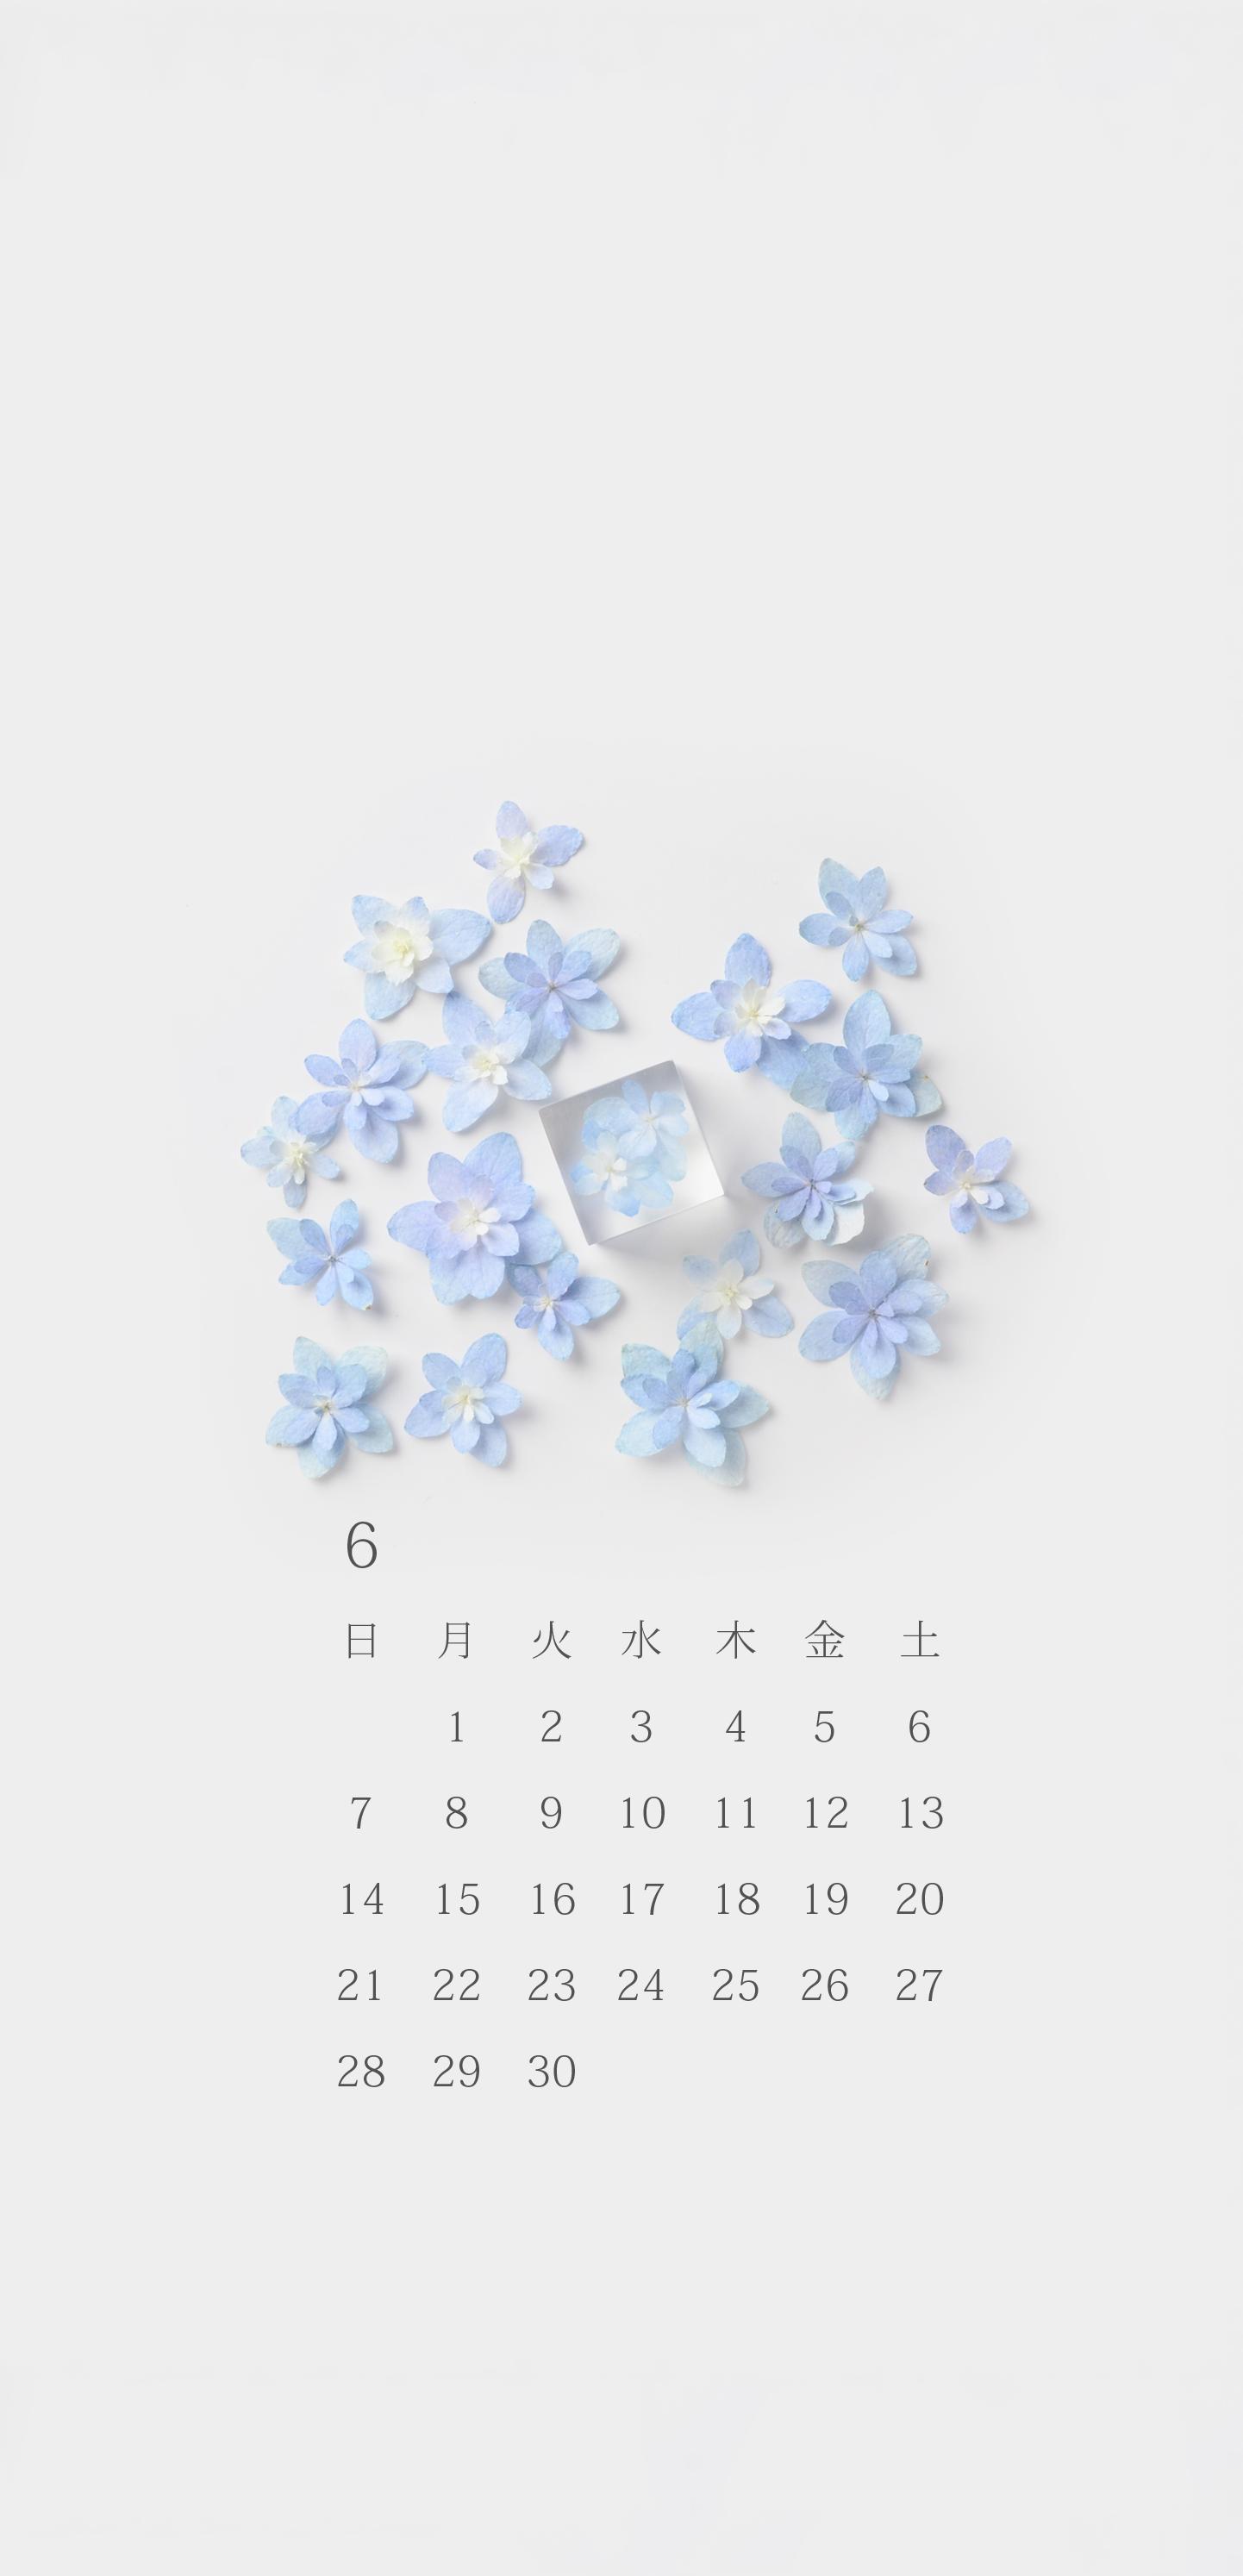 無料ロック画面カレンダー 「6月 紫陽花」